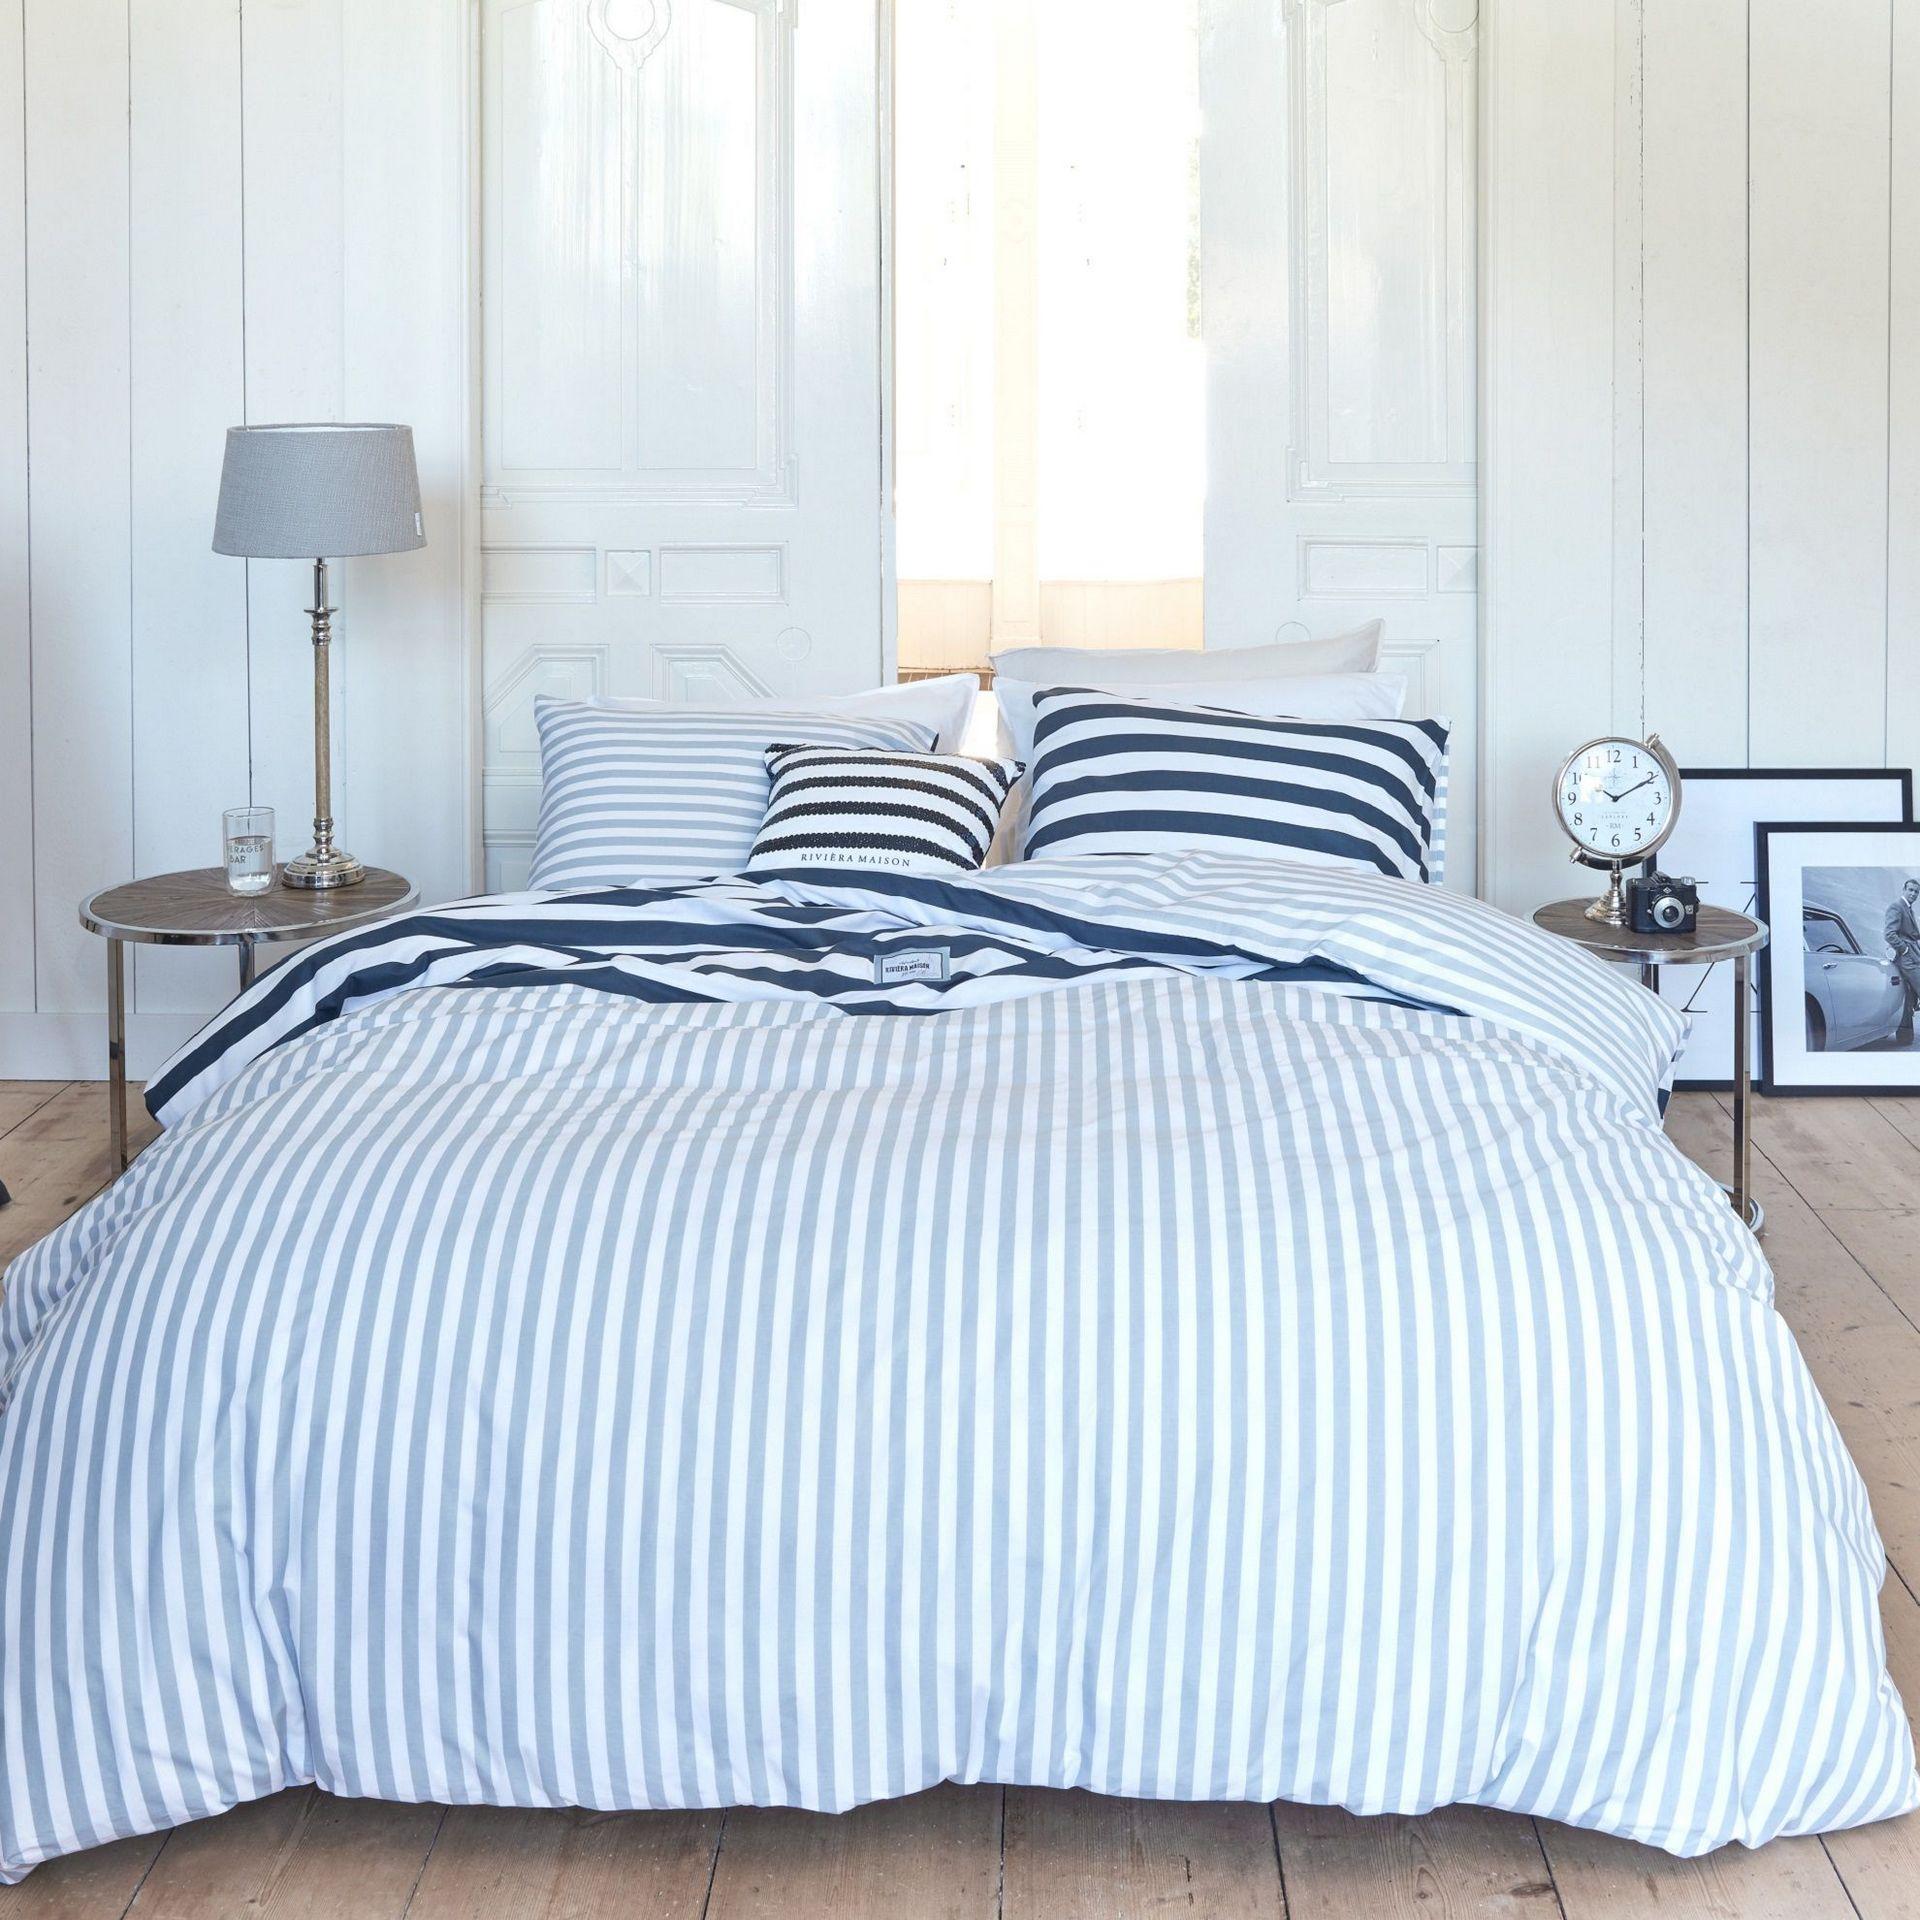 Rivièra Maison Harbour dekbedovertrek - in 5 stappen een landelijke slaapkamer